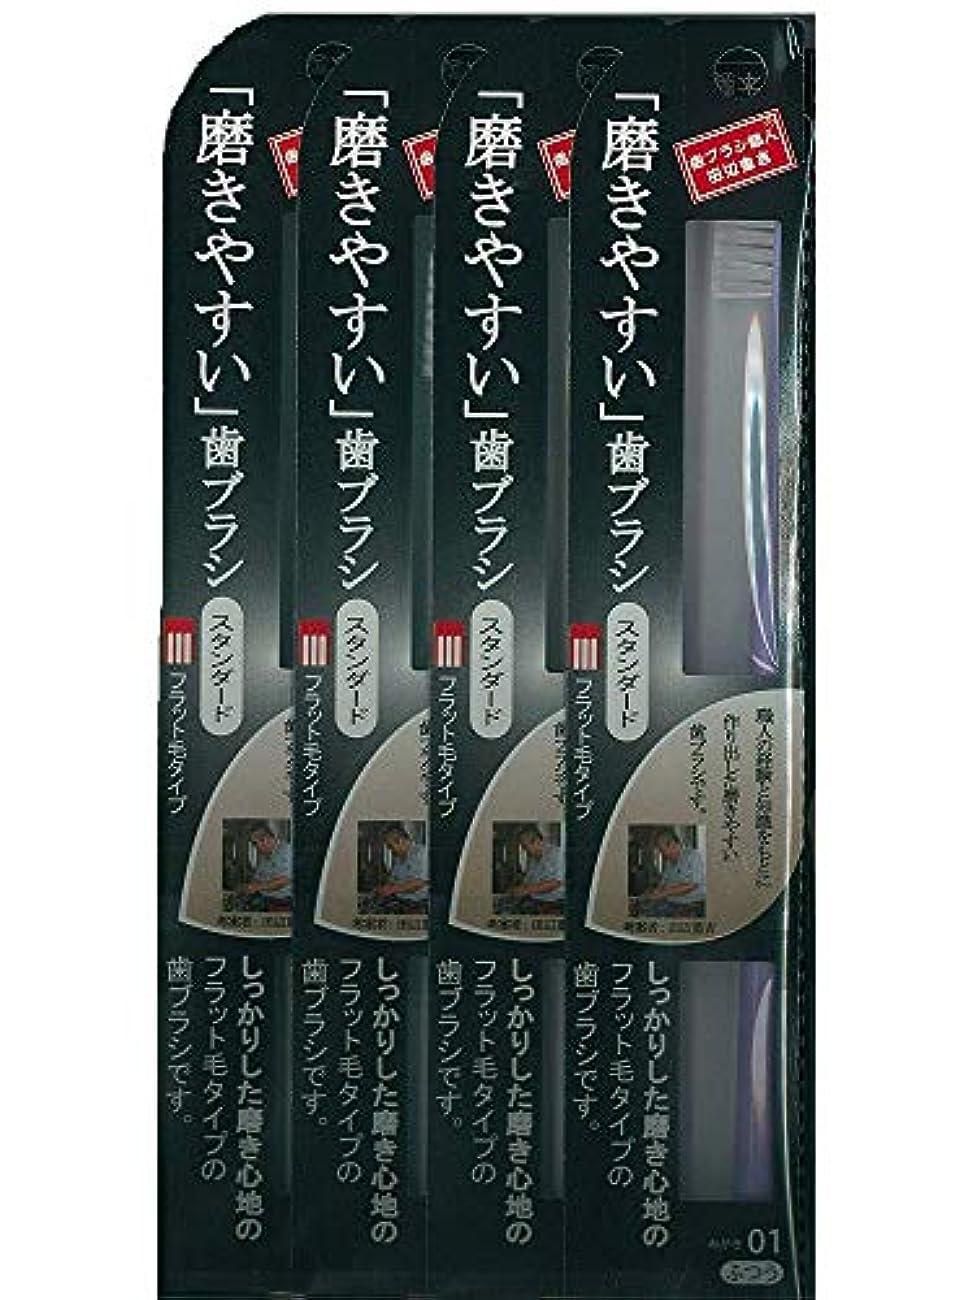 病気のくま悲しいことに歯ブラシ職人 田辺重吉 磨きやすい歯ブラシ スタンダード フラット毛タイプ LT-01 (1本×4個セット)